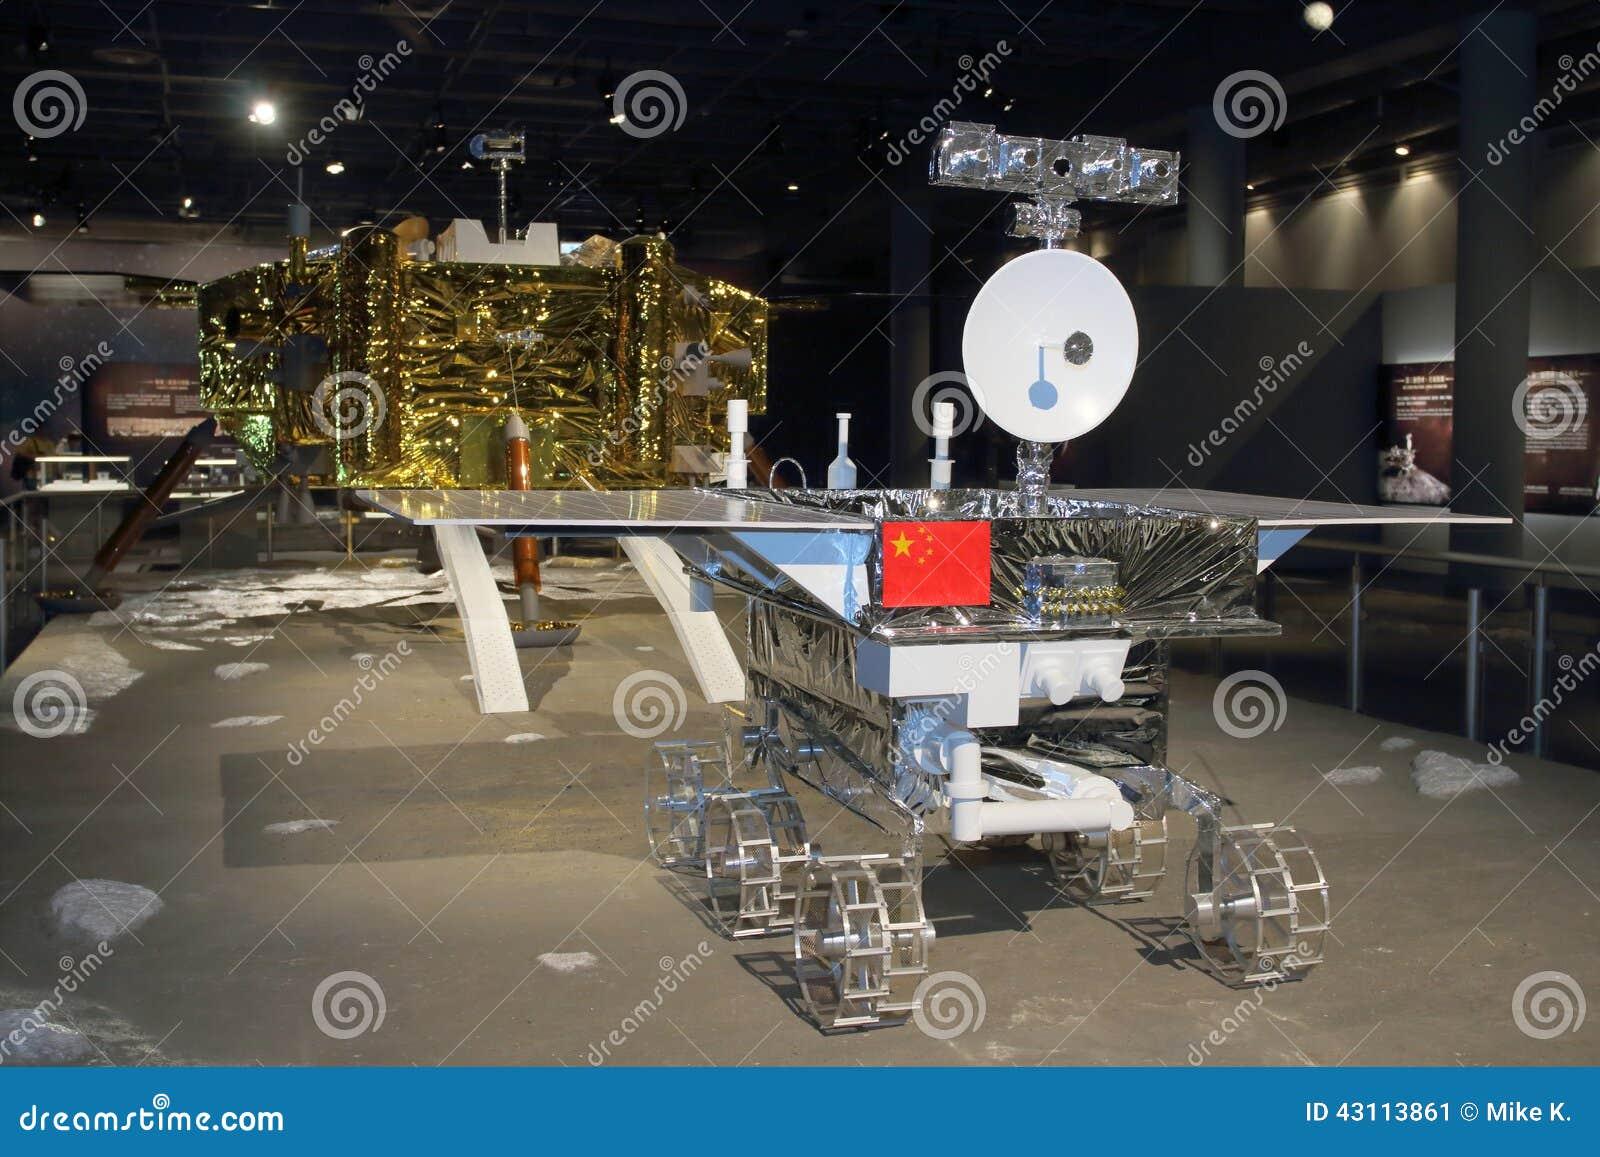 Yutu Lunar Rover